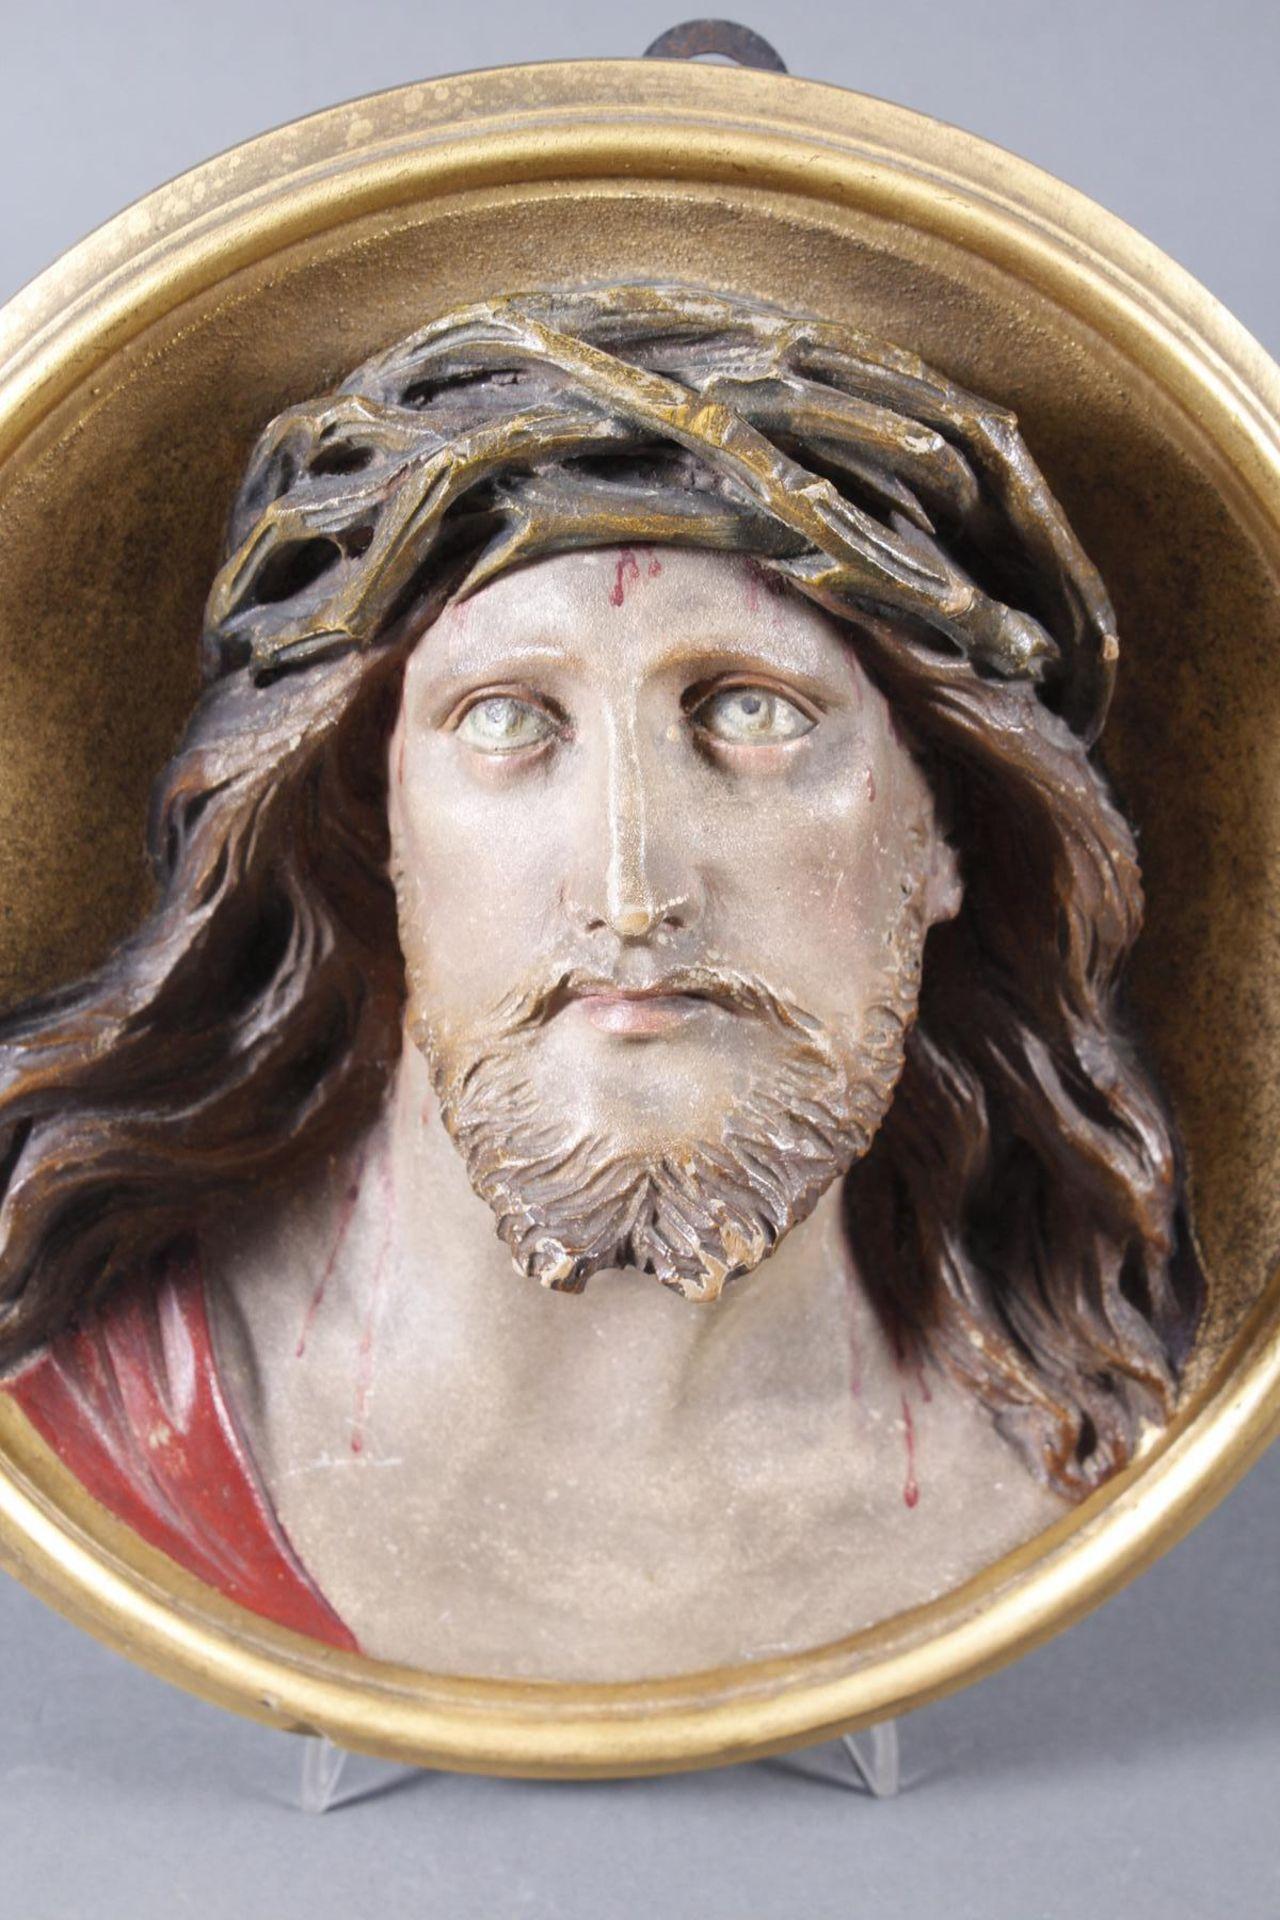 Holz Wandrelief, Christus, Süddeutsch um 1880 - Bild 2 aus 6